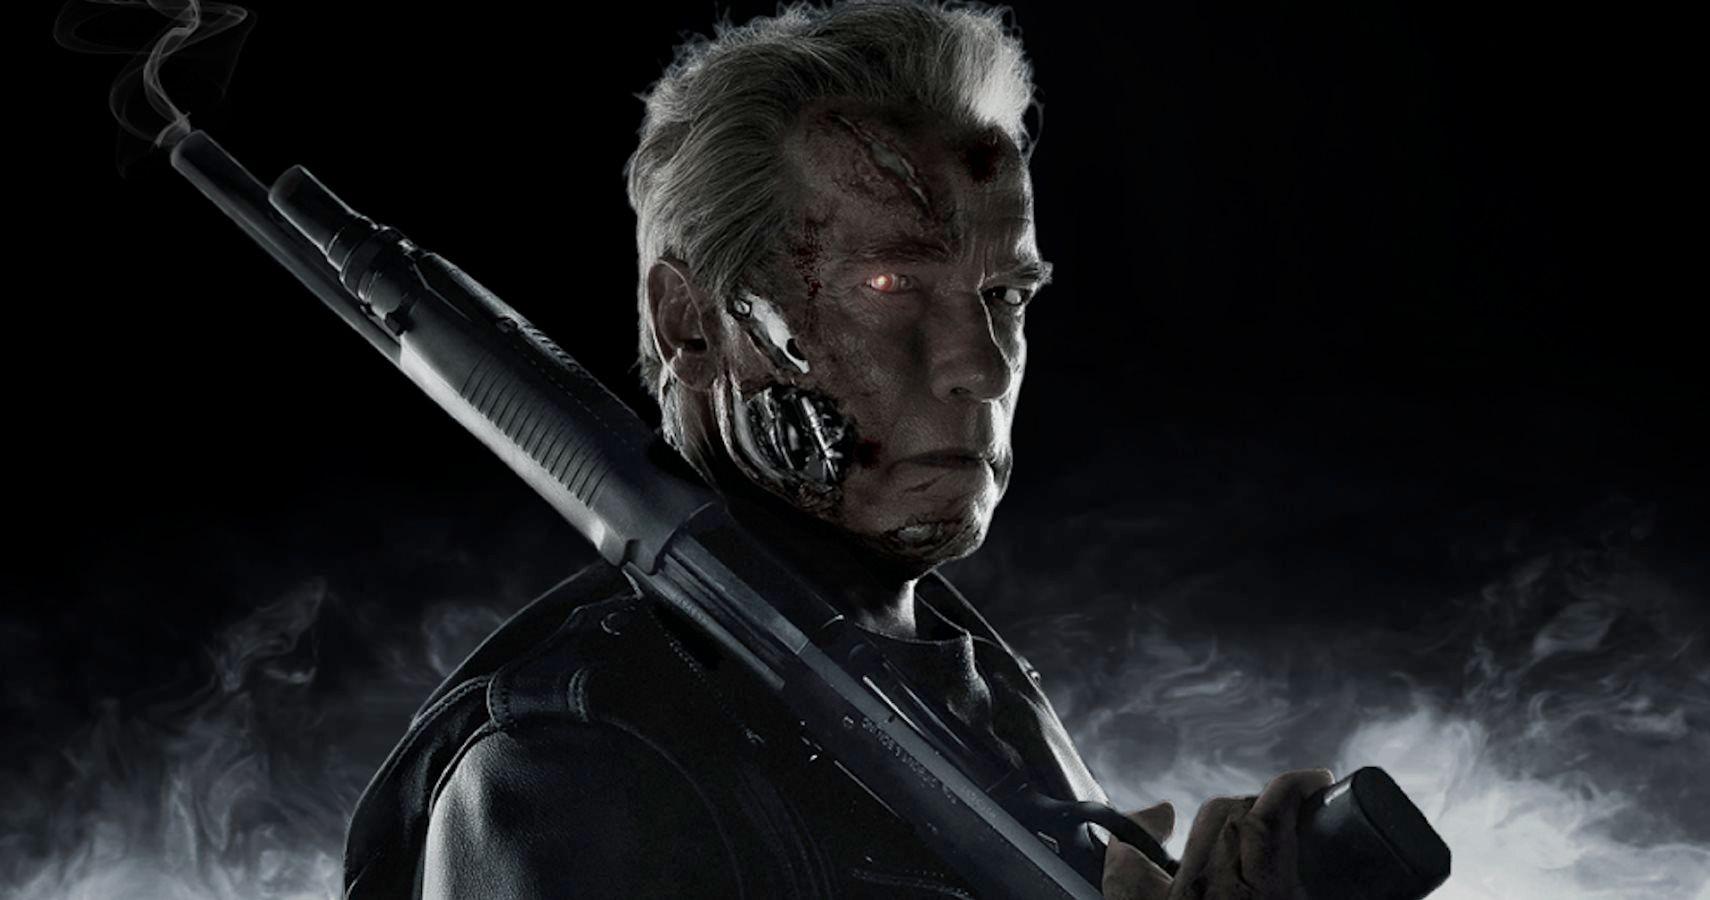 Terminator-via-Paramount.jpg